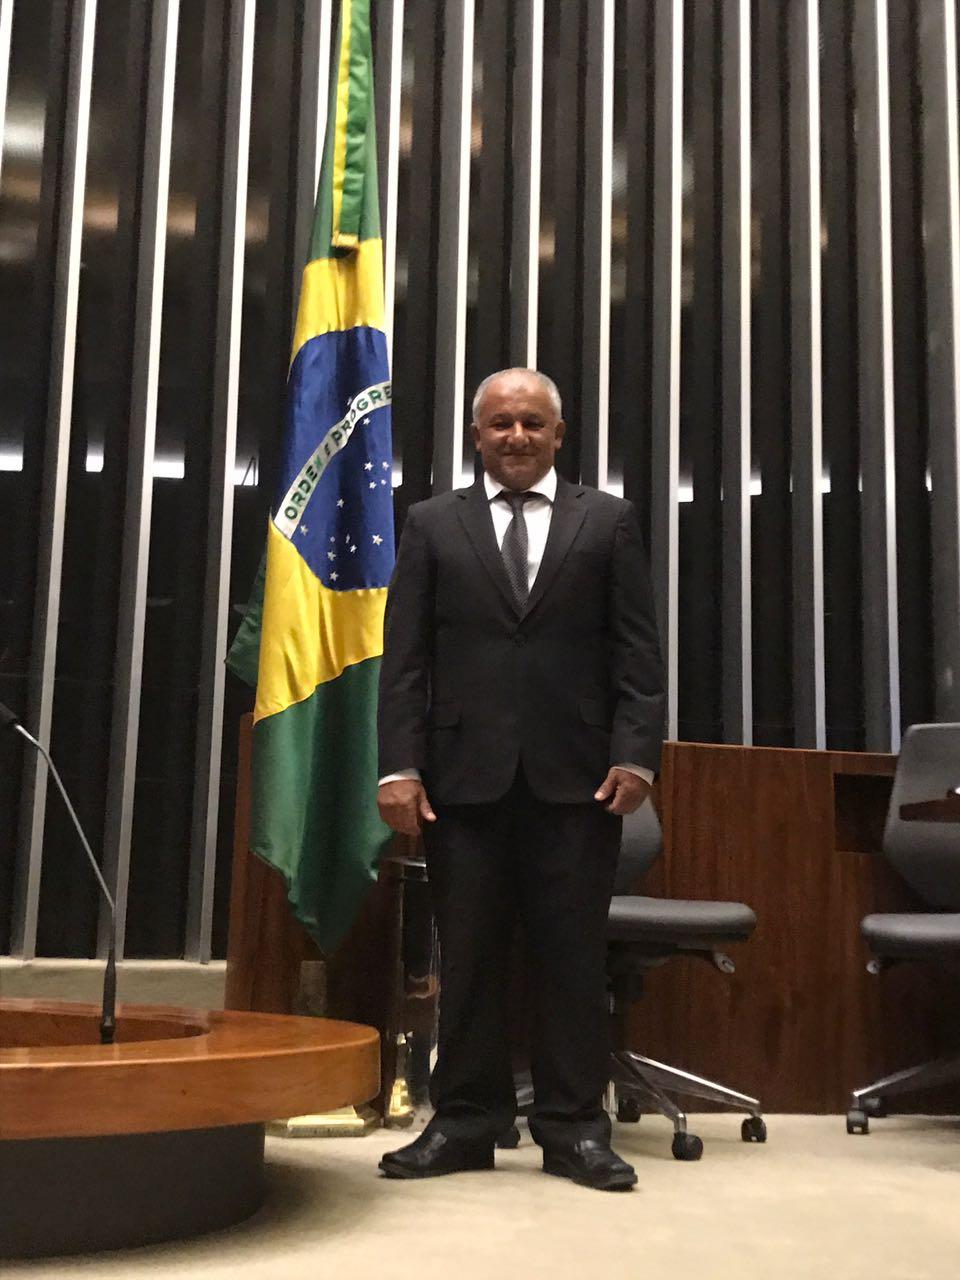 Deputado Lourival Gomes solicita apoio à consultoria legislativa para projeto de emenda à lei de licitação 8666/1993